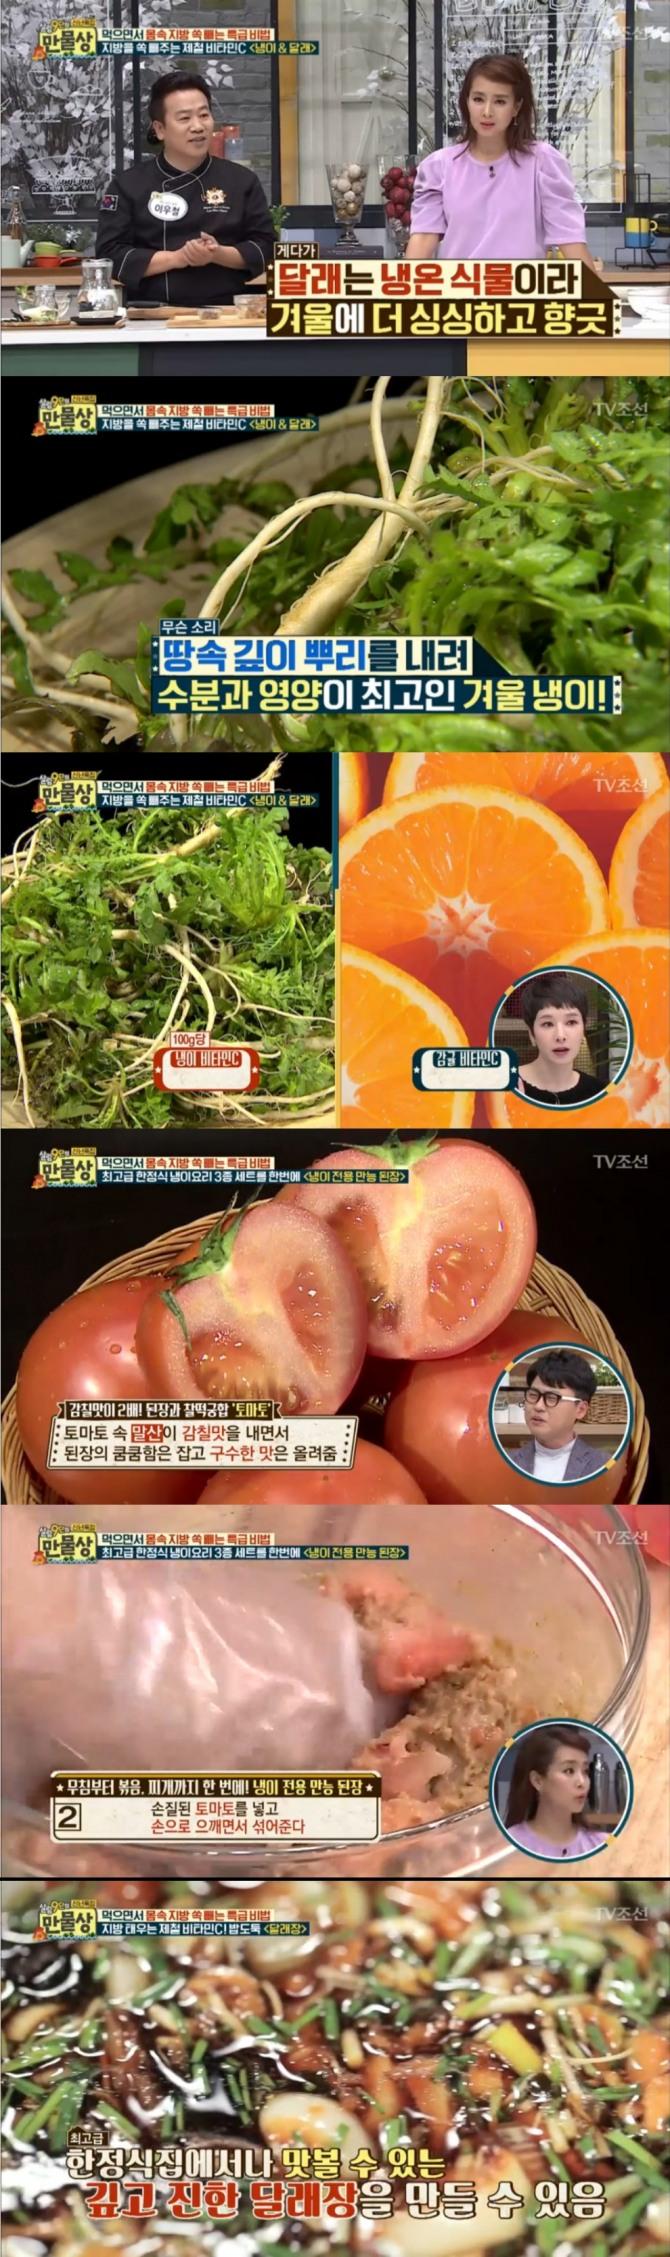 11일 밤 방송된 TV조선 '살림9단의 만물상'에서는 이우철 기능장이 츨연, 냉이 만능된장과 달래장 레시피를 공개했다. 사진=TV조선 방송 캡처